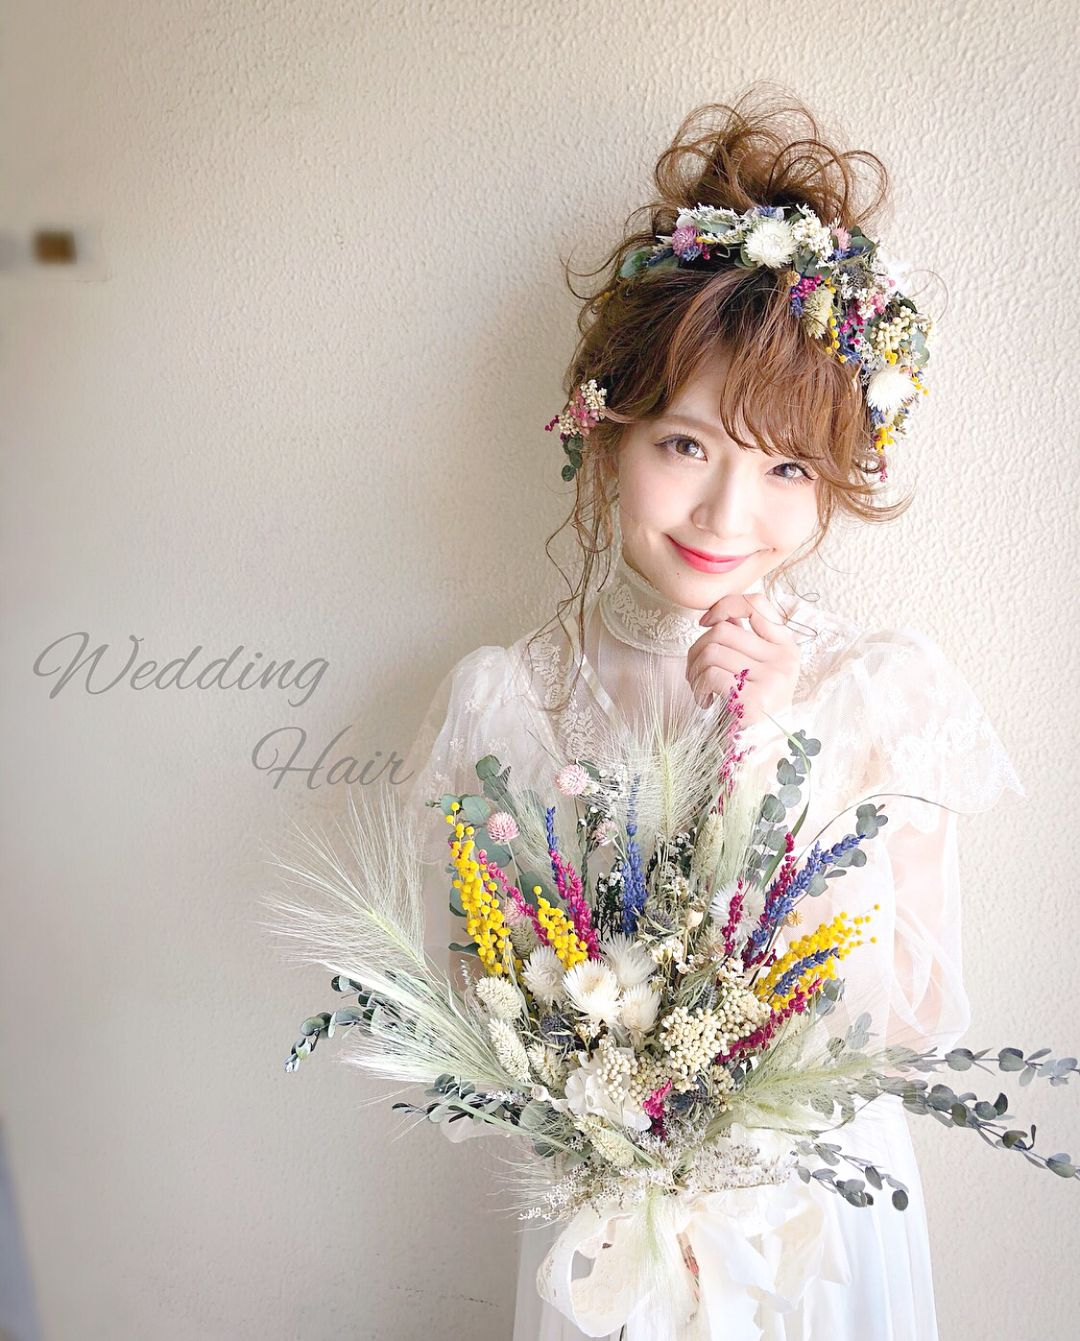 最新版 花嫁の髪型100選 ウェディングドレスや和装に合うヘアスタイル特集 結婚式準備はウェディングニュース ウェディング ウェディングドレス 髪型 ミディアム ウェディング ヘアスタイル 花